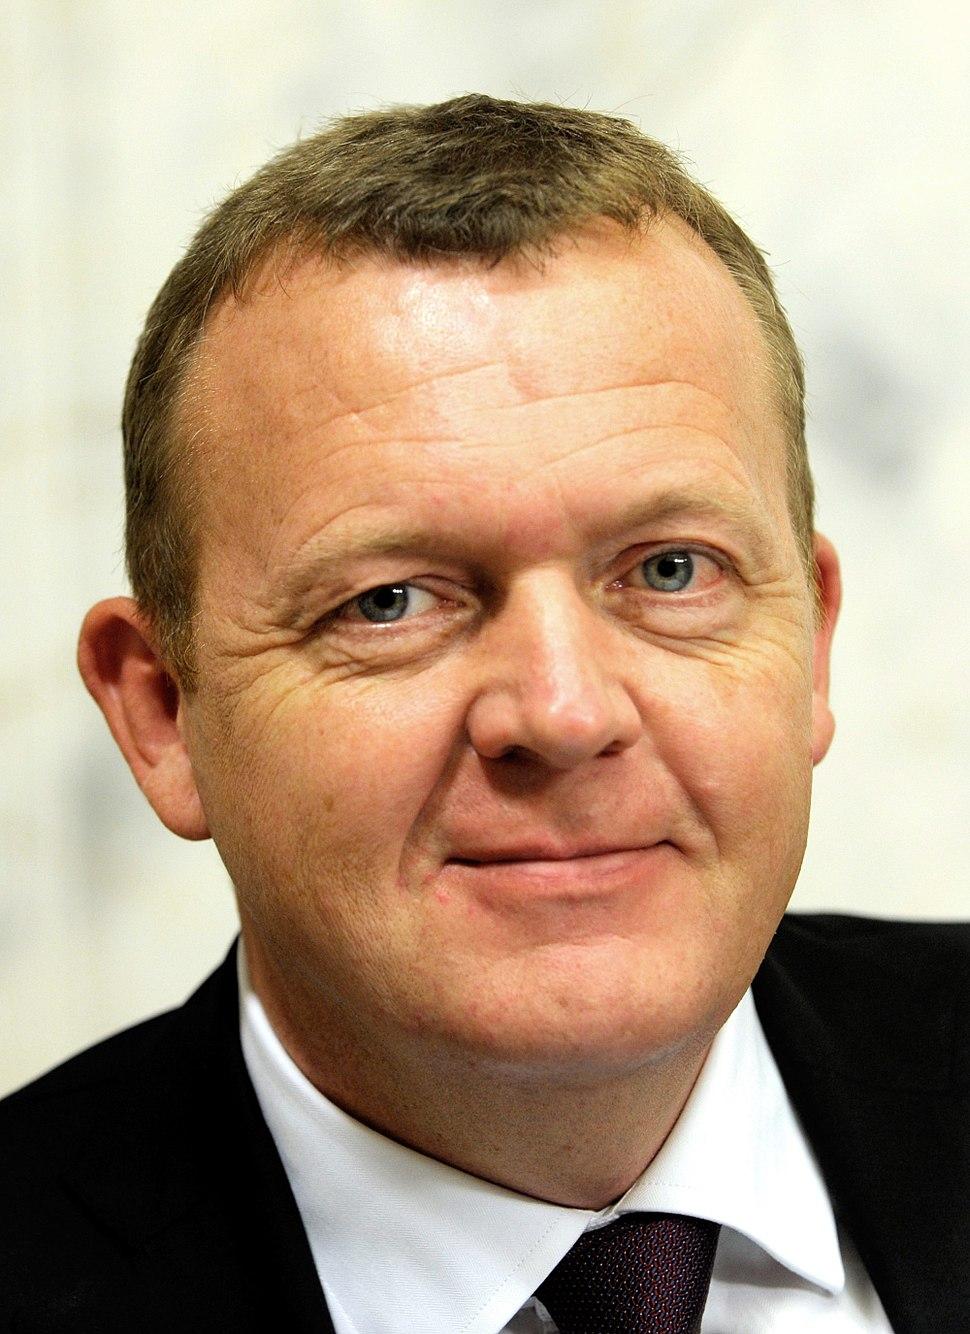 Lars L%C3%B8kke Rasmussen (2009)